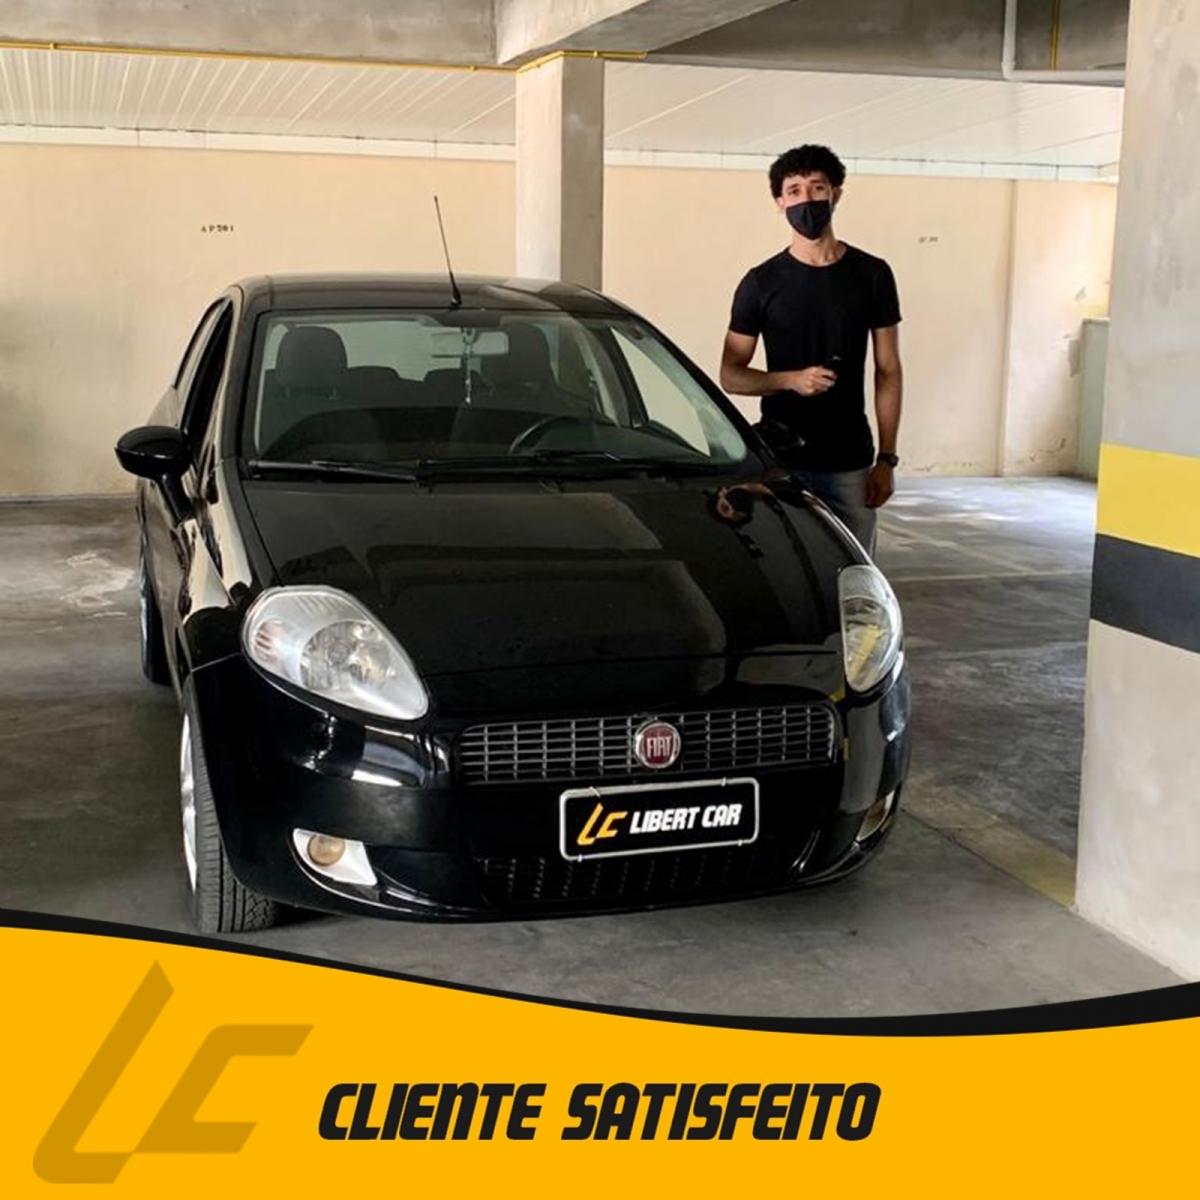 Cliente Satisfeito - Luiz Antônio